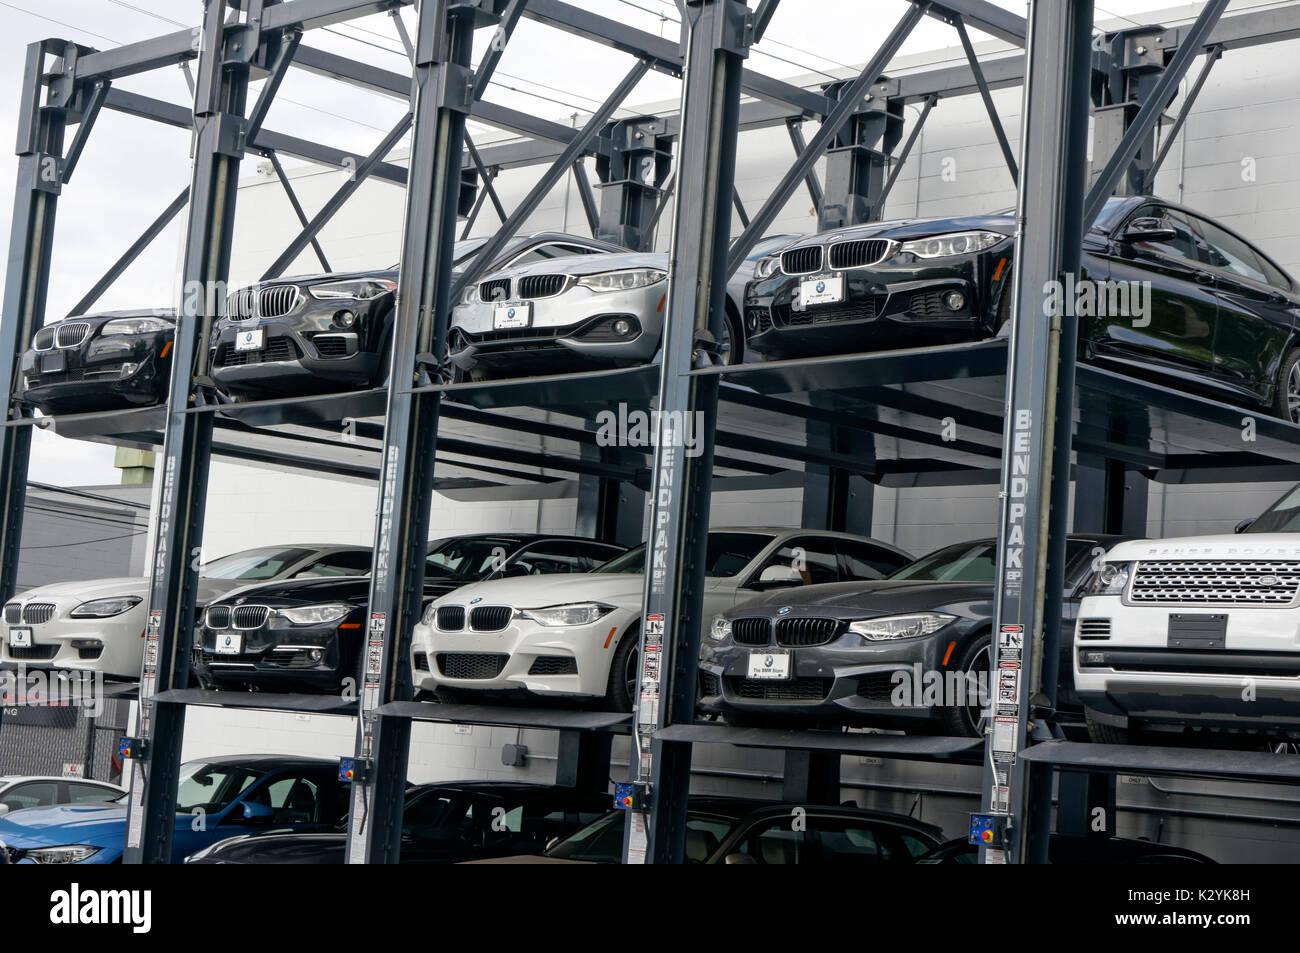 Nouvelles automobiles de luxe garé sur un niveau multiple ascenseur location de casiers, la BMW concessionnaire magasin à Vancouver, BC, Canada Photo Stock